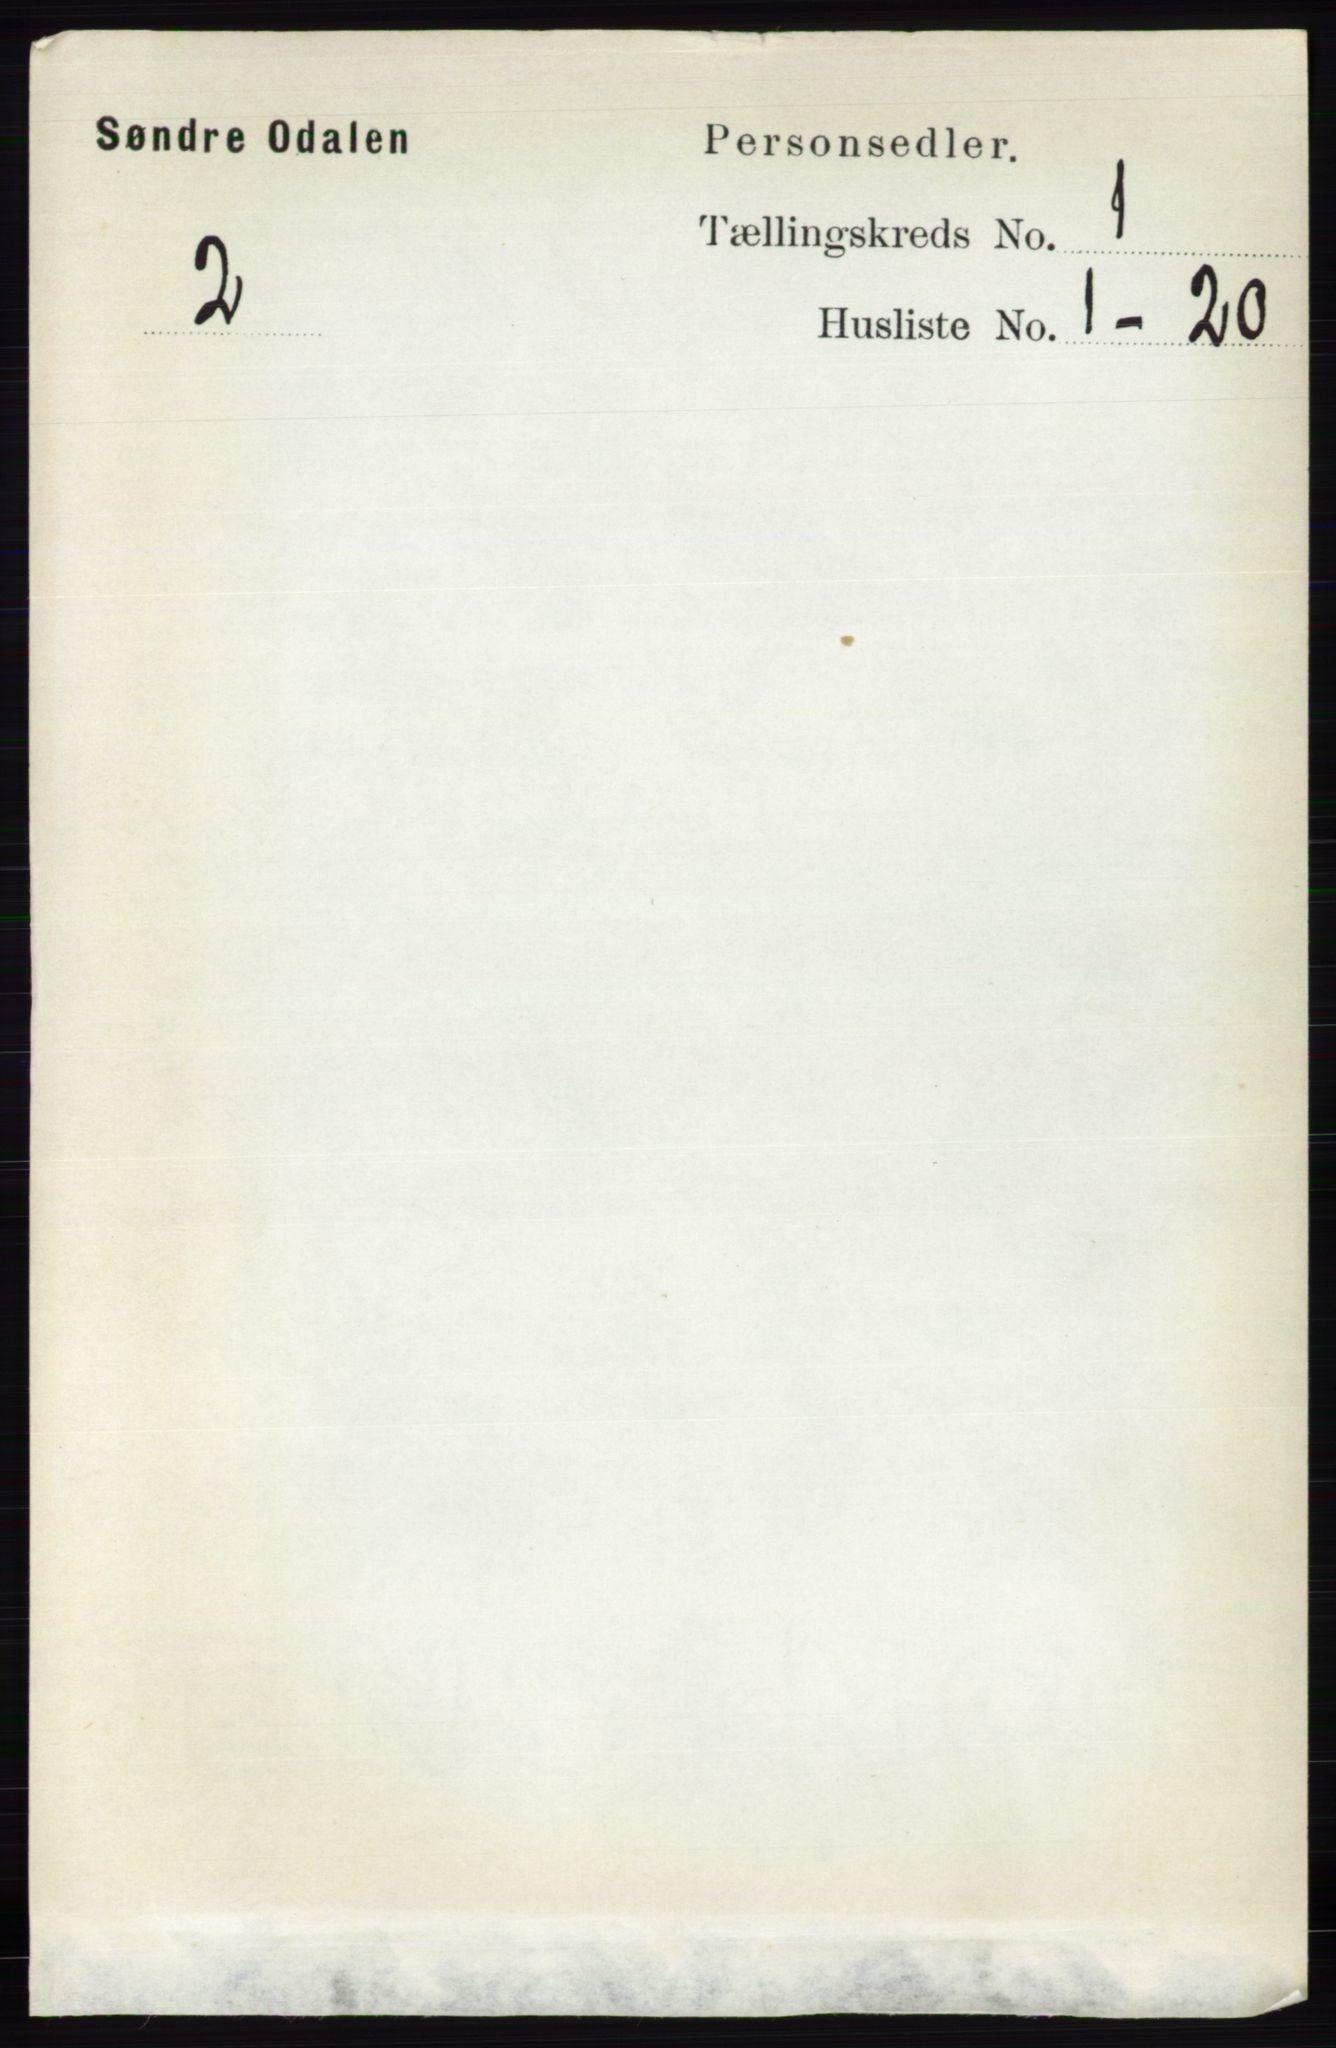 RA, Folketelling 1891 for 0419 Sør-Odal herred, 1891, s. 99